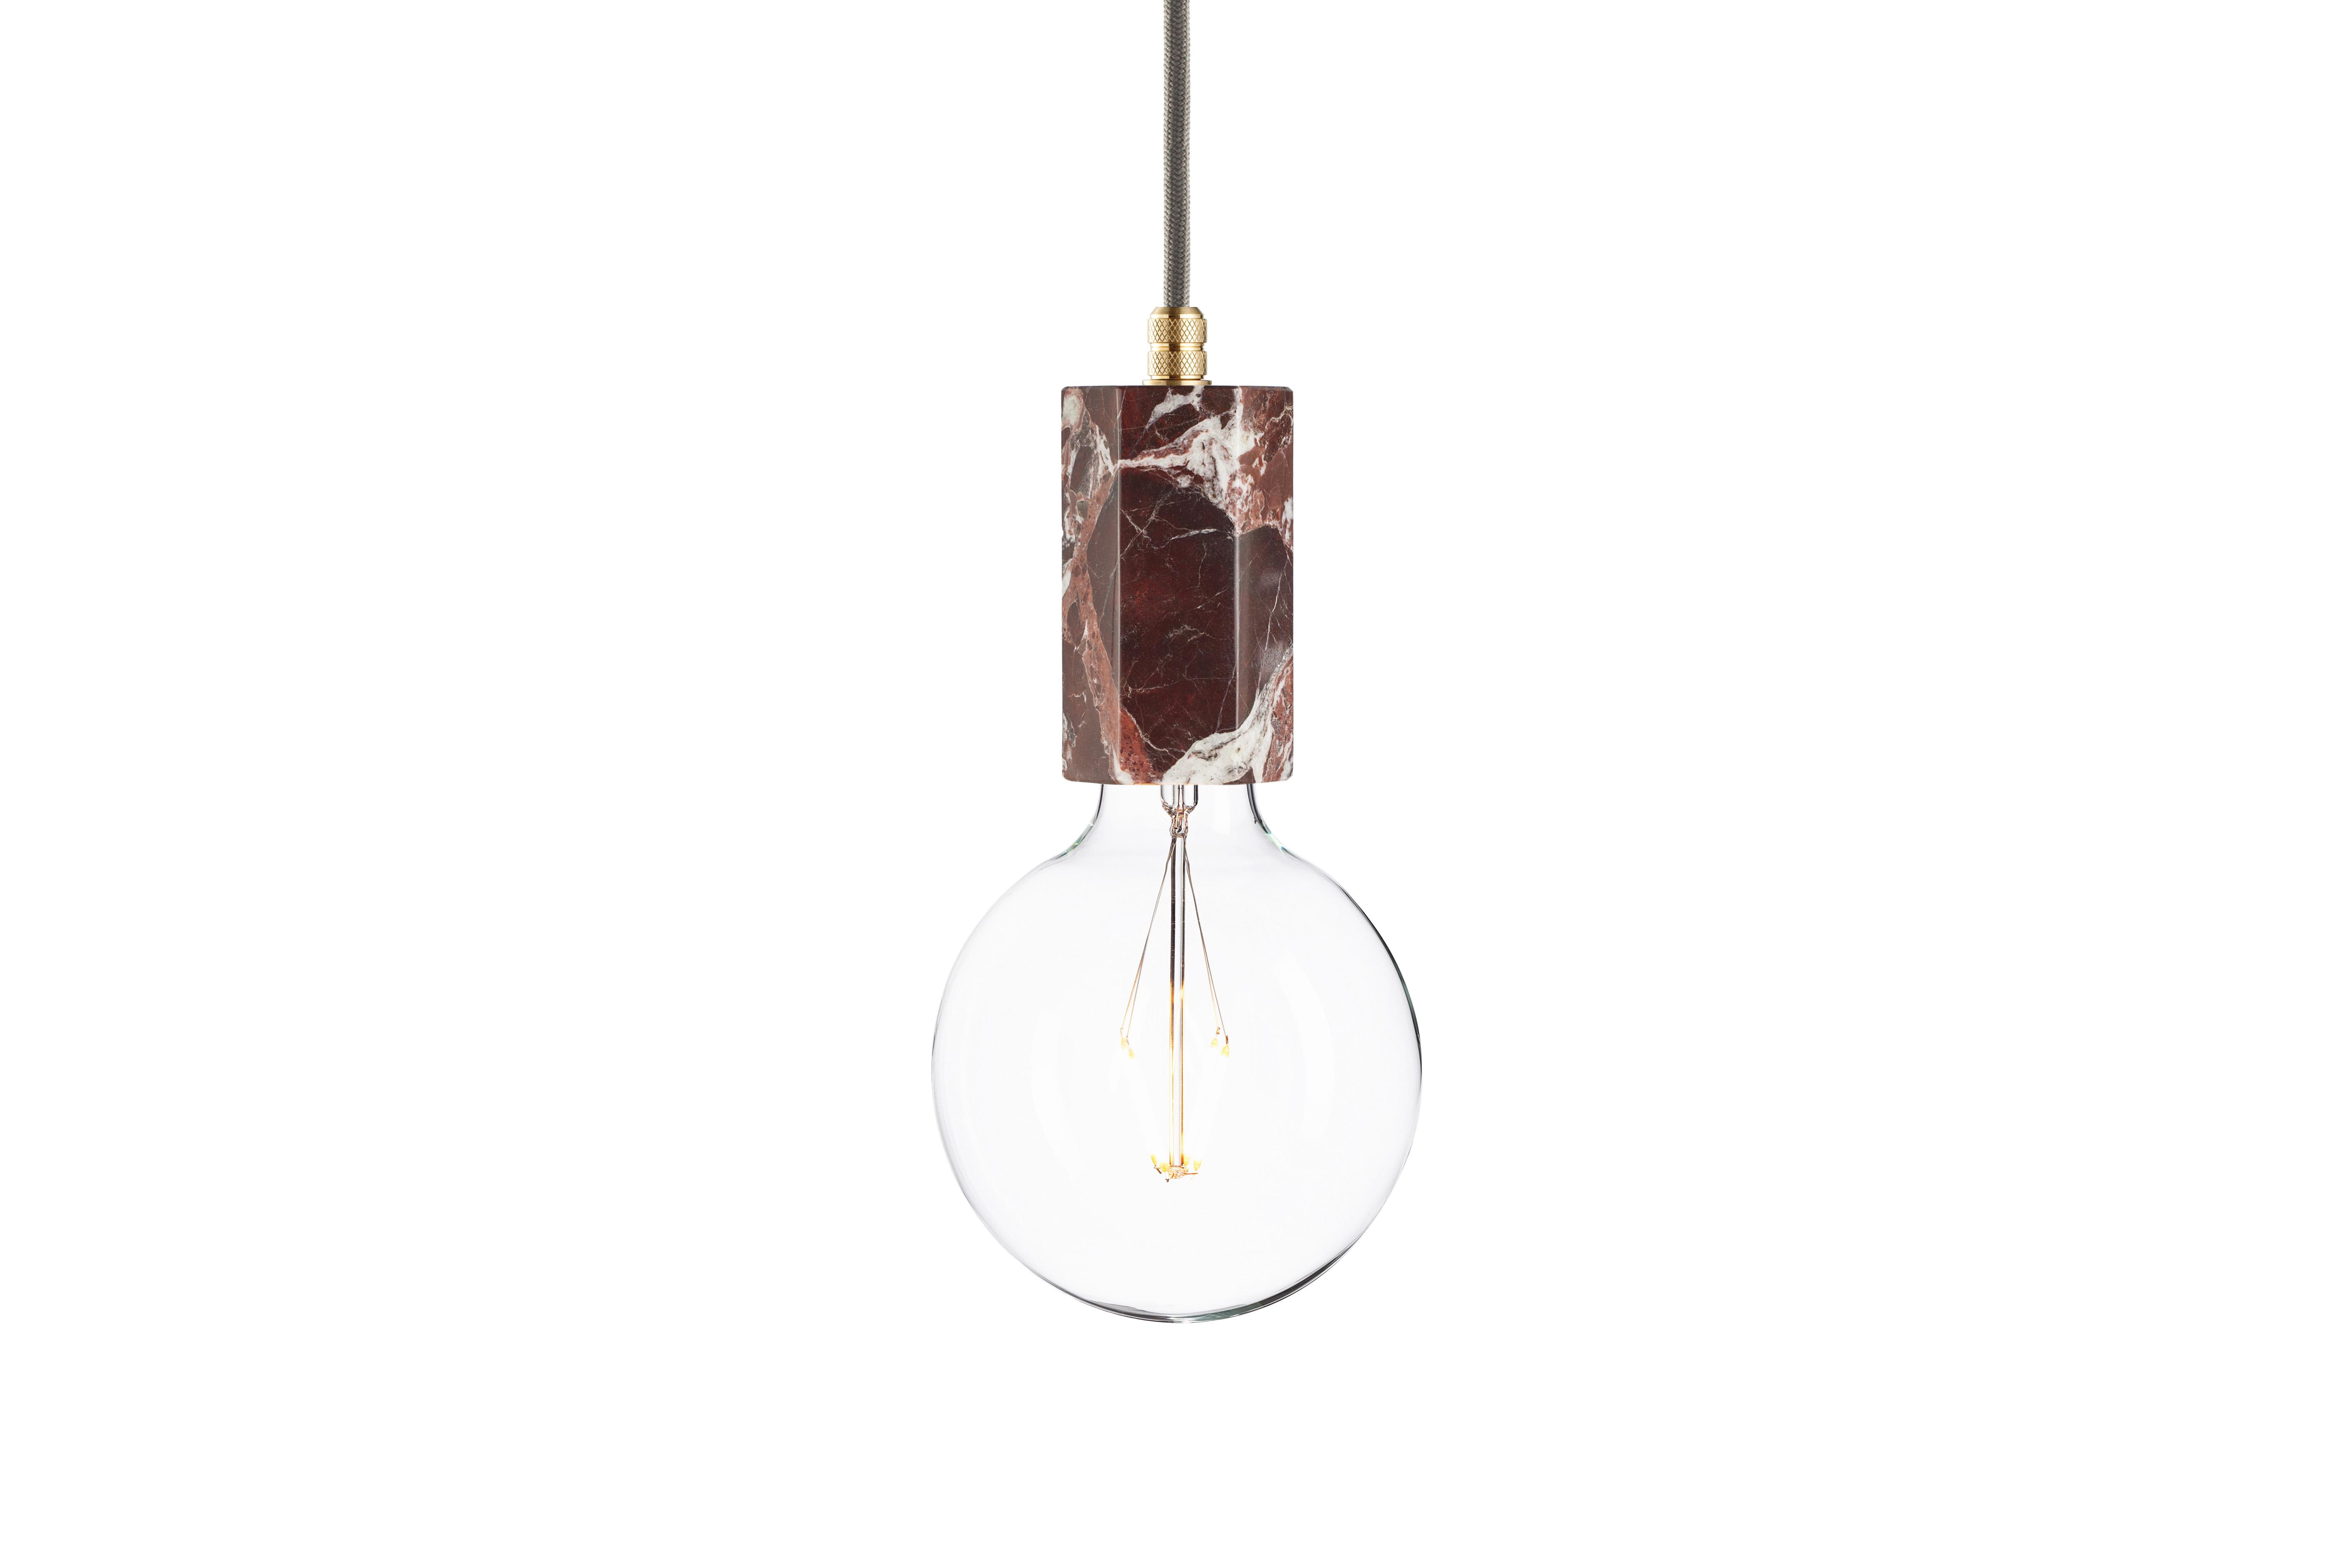 Подвесной светильник Marmor TromПодвесные светильники<br>Светлые линии великолепных узоров сморятся ярко и контрастно на фоне благородного темно-вишневого цвета. Рисунок натурального мрамора дарит особую элегантность оформлению подвесного светильника &amp;quot;Marmor Trom&amp;quot;. Он делает его минималистичный декор в стиле лофт роскошным. Прекрасный пример придания изысканности вещам при помощи отделки.&amp;amp;nbsp;&amp;lt;div&amp;gt;&amp;lt;br&amp;gt;&amp;lt;/div&amp;gt;&amp;lt;div&amp;gt;Лампочка приобретается отдельно. Цоколь Е27, максимальная мощность лампочки - 60 W, длина шнура - 3 м.&amp;amp;nbsp;&amp;amp;nbsp;&amp;lt;/div&amp;gt;&amp;lt;div&amp;gt;Материал: корпус - мрамор Rosso Levanto, фурнитура - латунь, сталь, патрон - пластик, кабель в оплетке. Под заказ. Срок изготовления 3 недели.&amp;amp;nbsp;&amp;lt;/div&amp;gt;<br><br>Material: Мрамор<br>Ширина см: 6.0<br>Высота см: 12.0<br>Глубина см: 6.0